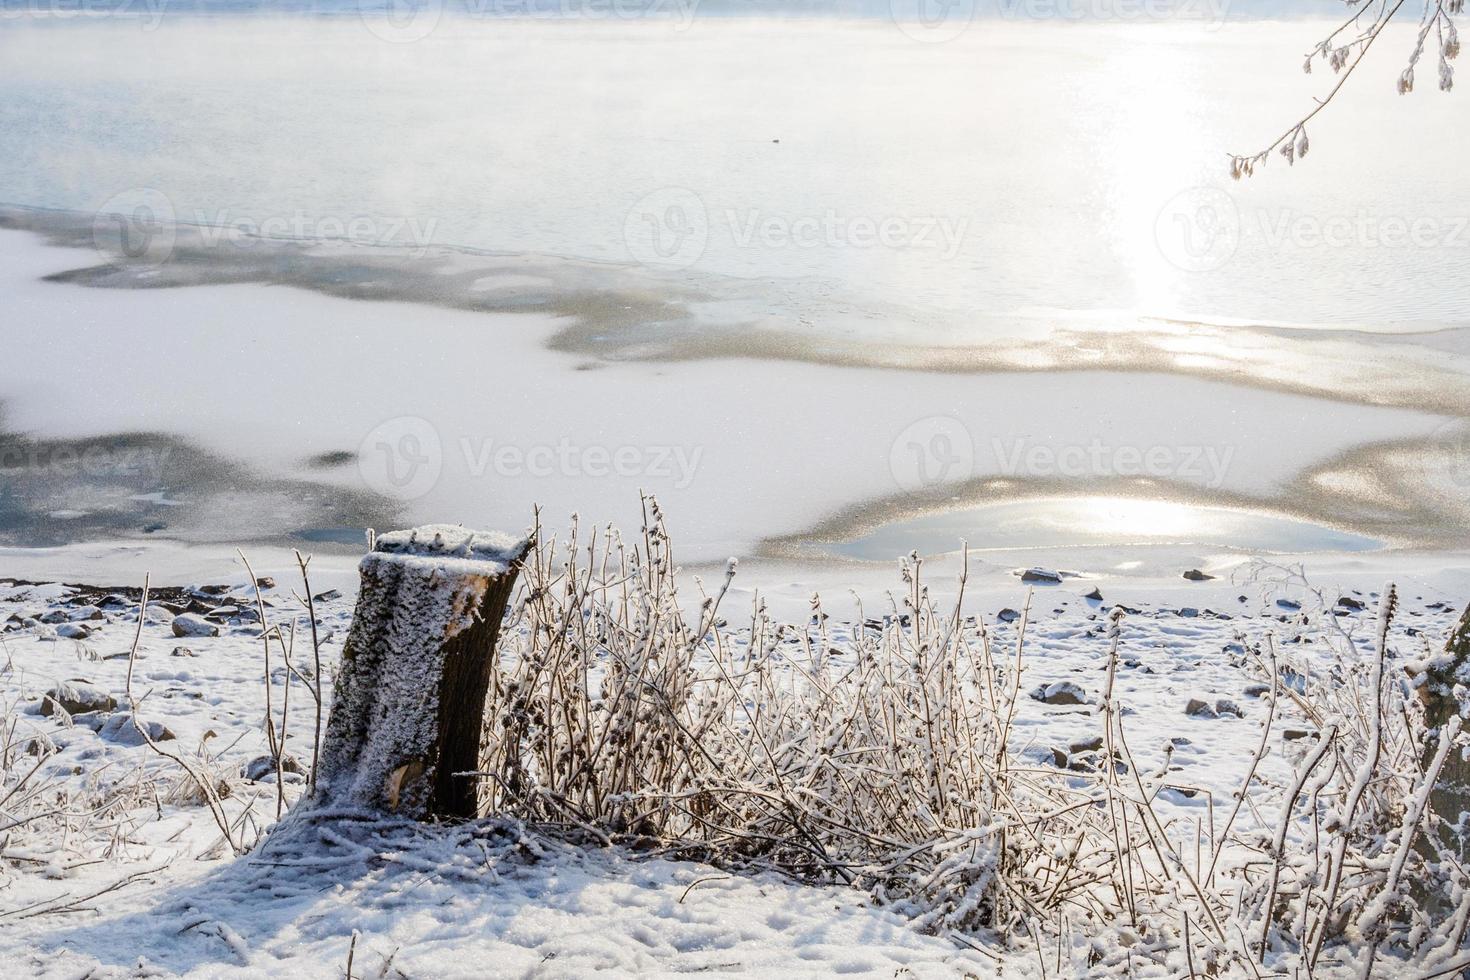 Stumpf auf dem Hintergrund eines gefrorenen Flusses foto